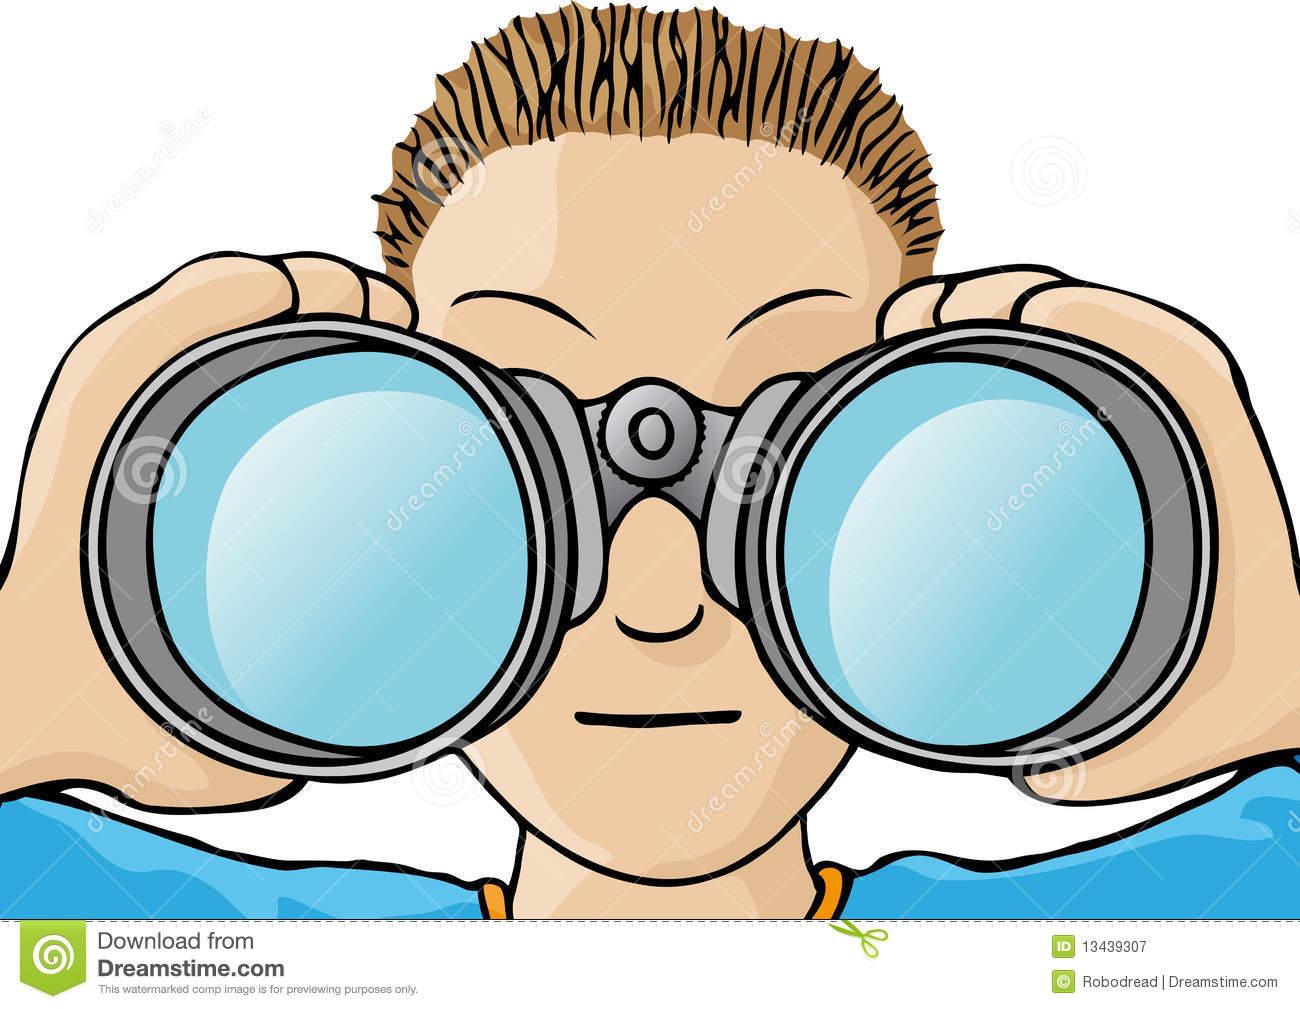 binoculars clipart - photo #14